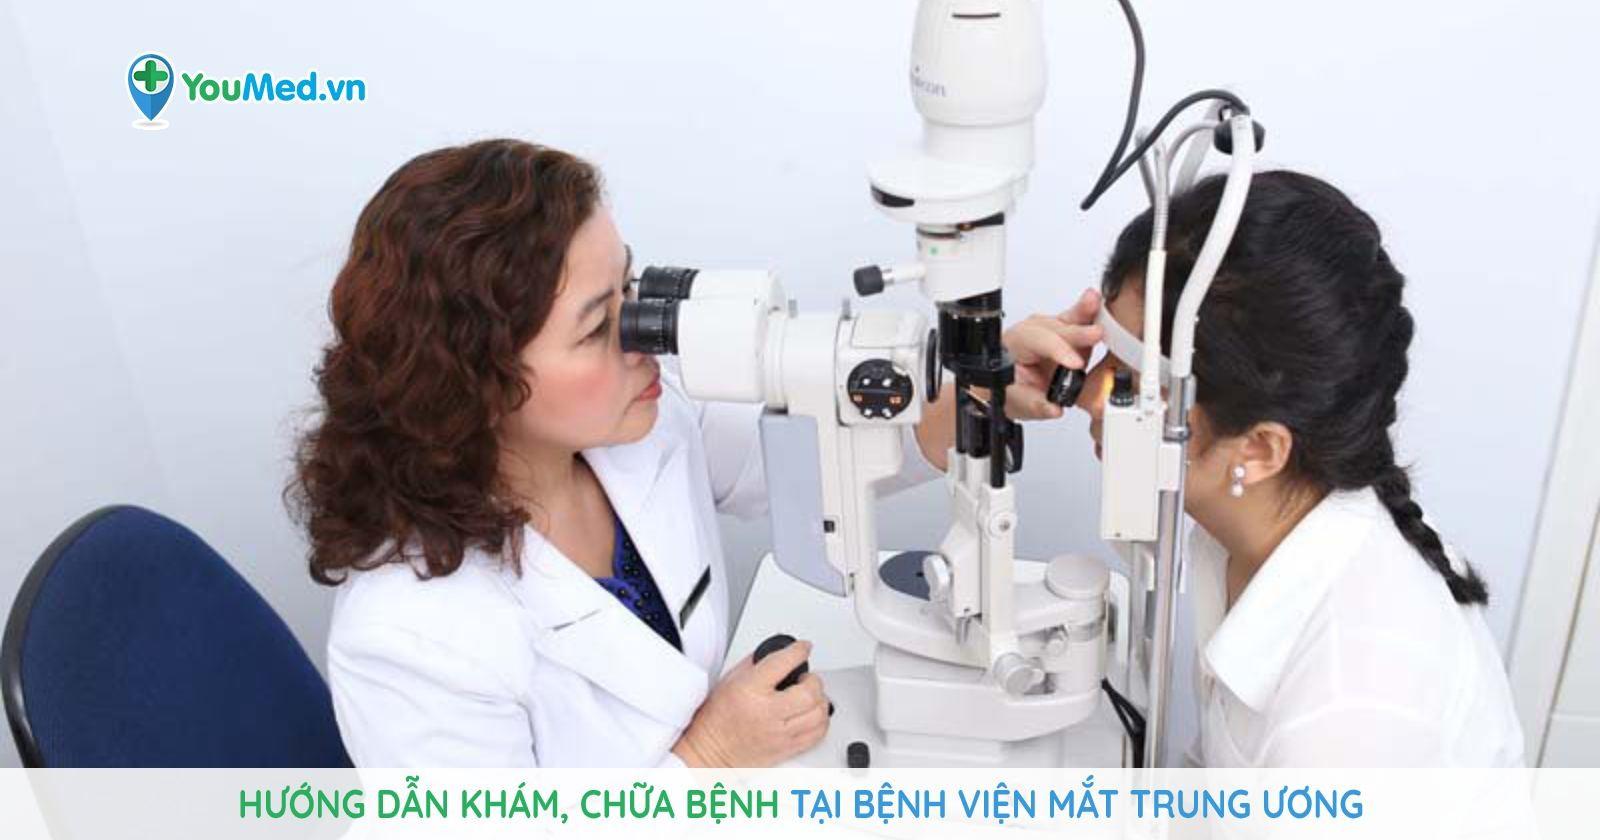 Hướng dẫn khám, chữa bệnh tại bệnh viện Mắt trung ương